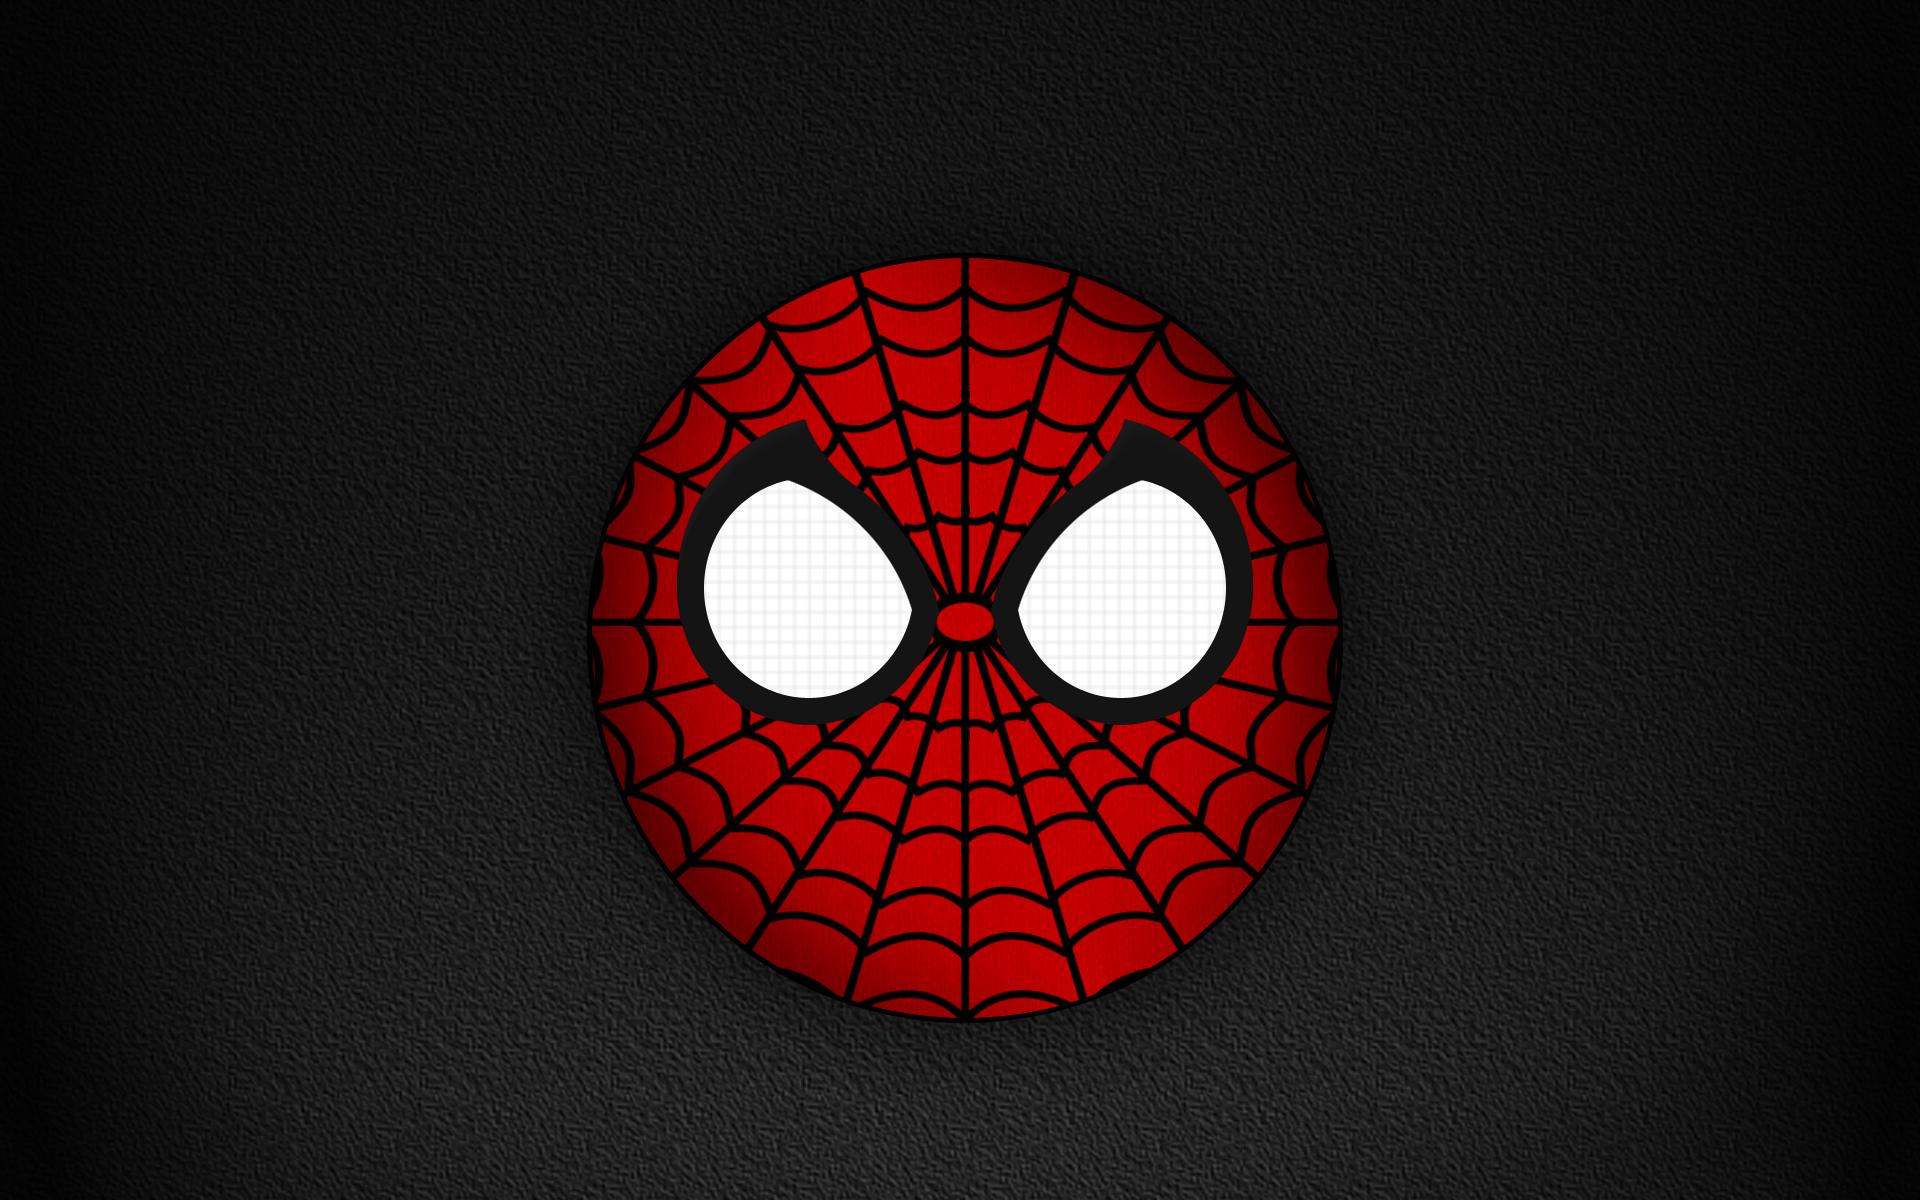 Spider-Man Head by pvlimota on DeviantArt